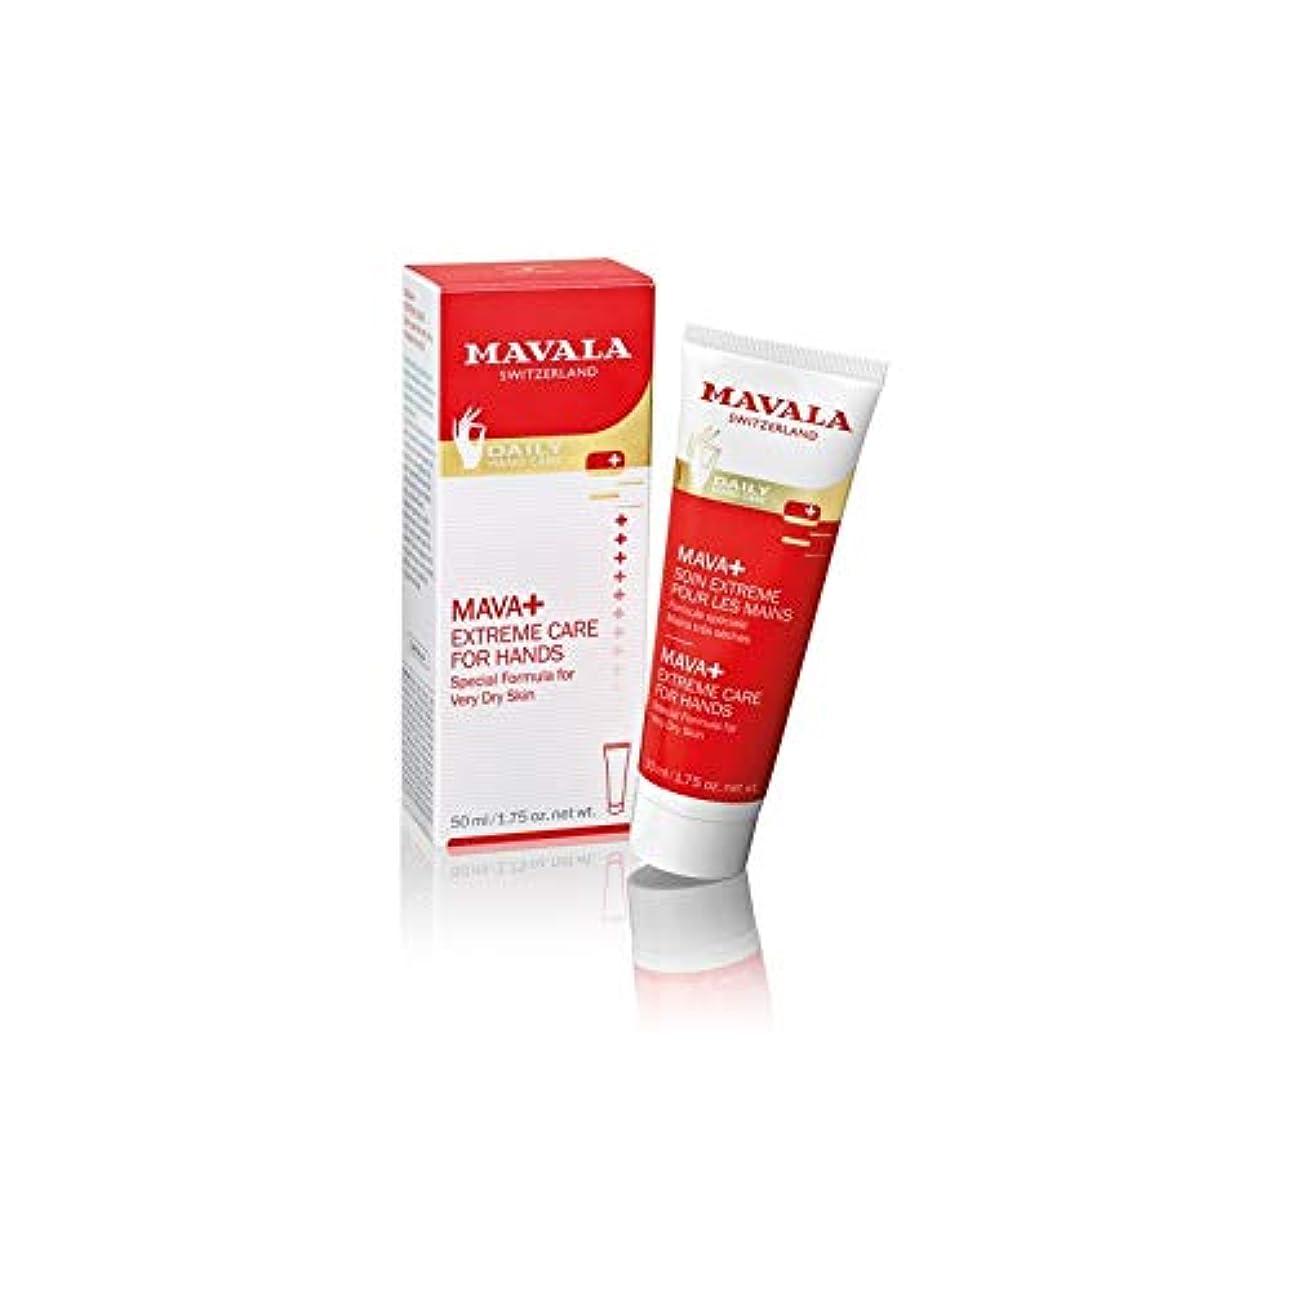 真珠のようなエクスタシー周波数[Mavala] マヴァラMavalaのMava +ハンドクリーム - 手のために細心の注意を払っ(50ミリリットル) - Mavala Mava+ Hand Cream - Extreme Care For Hands...